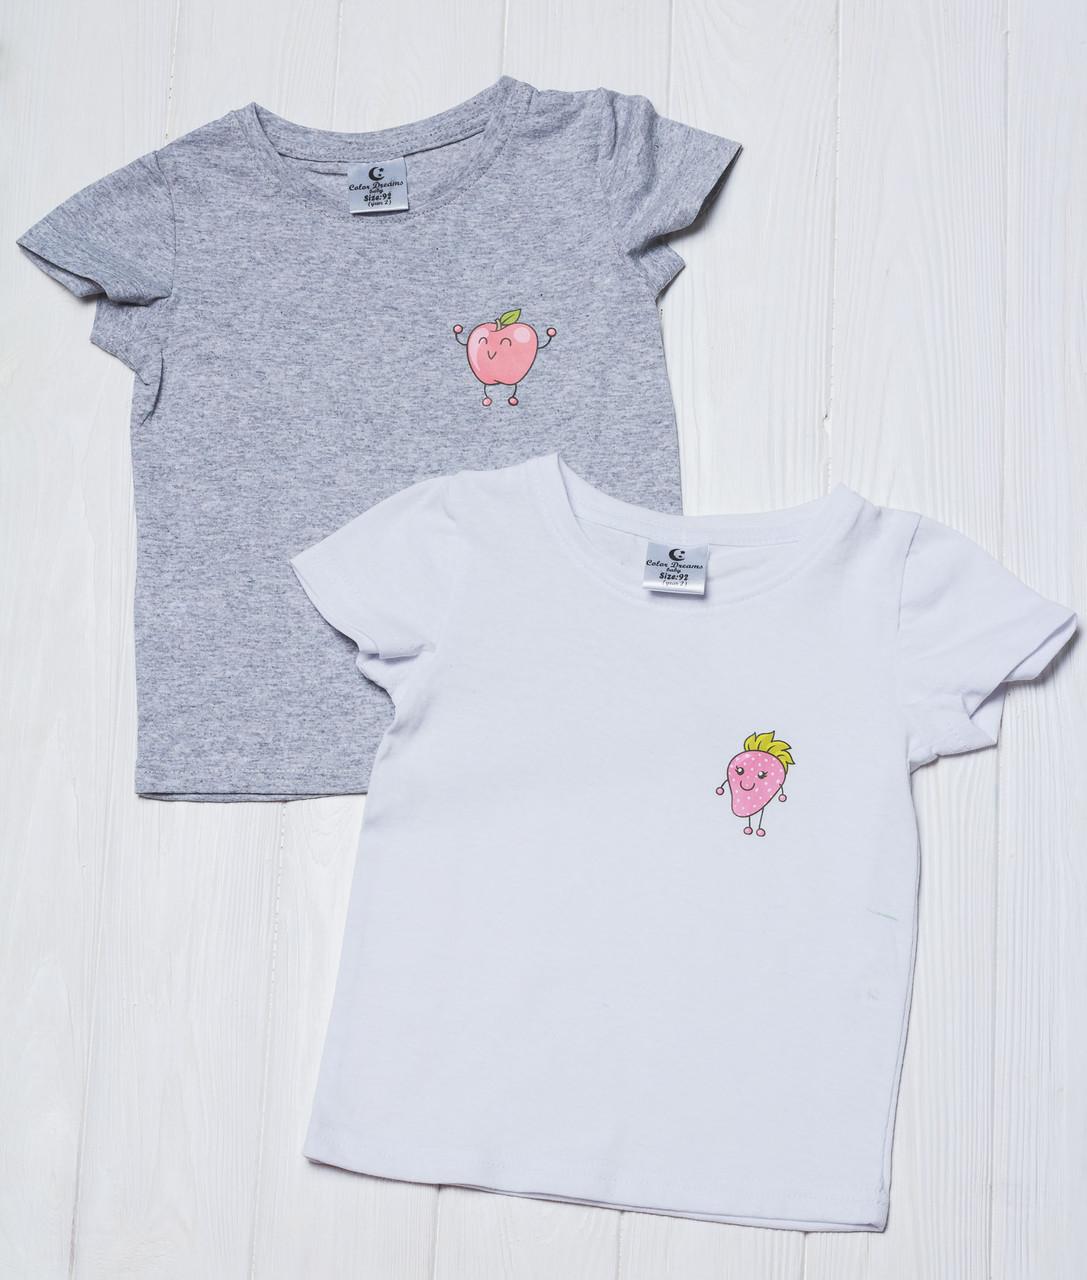 Набор детских футболок из 2 шт. Яблочко+клубника